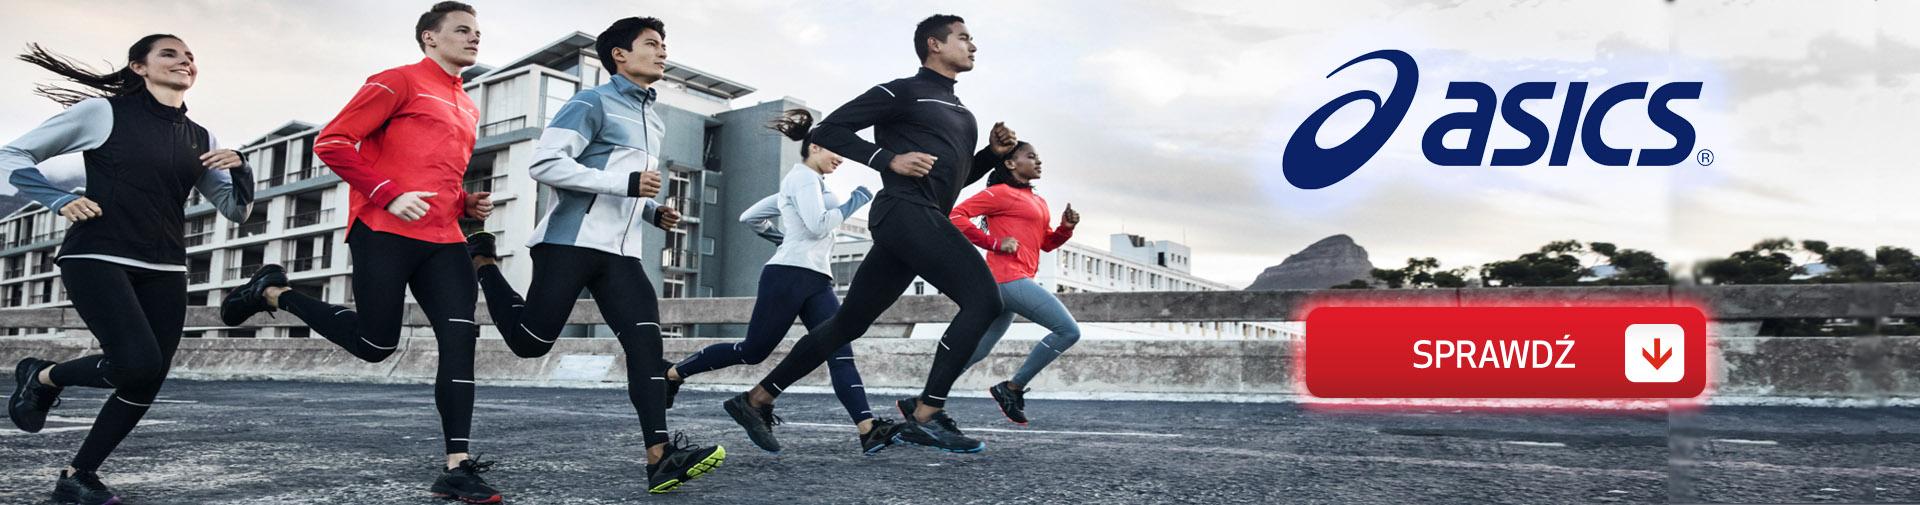 Odzież do biegania, buty do biegania, akcesoria do biegania